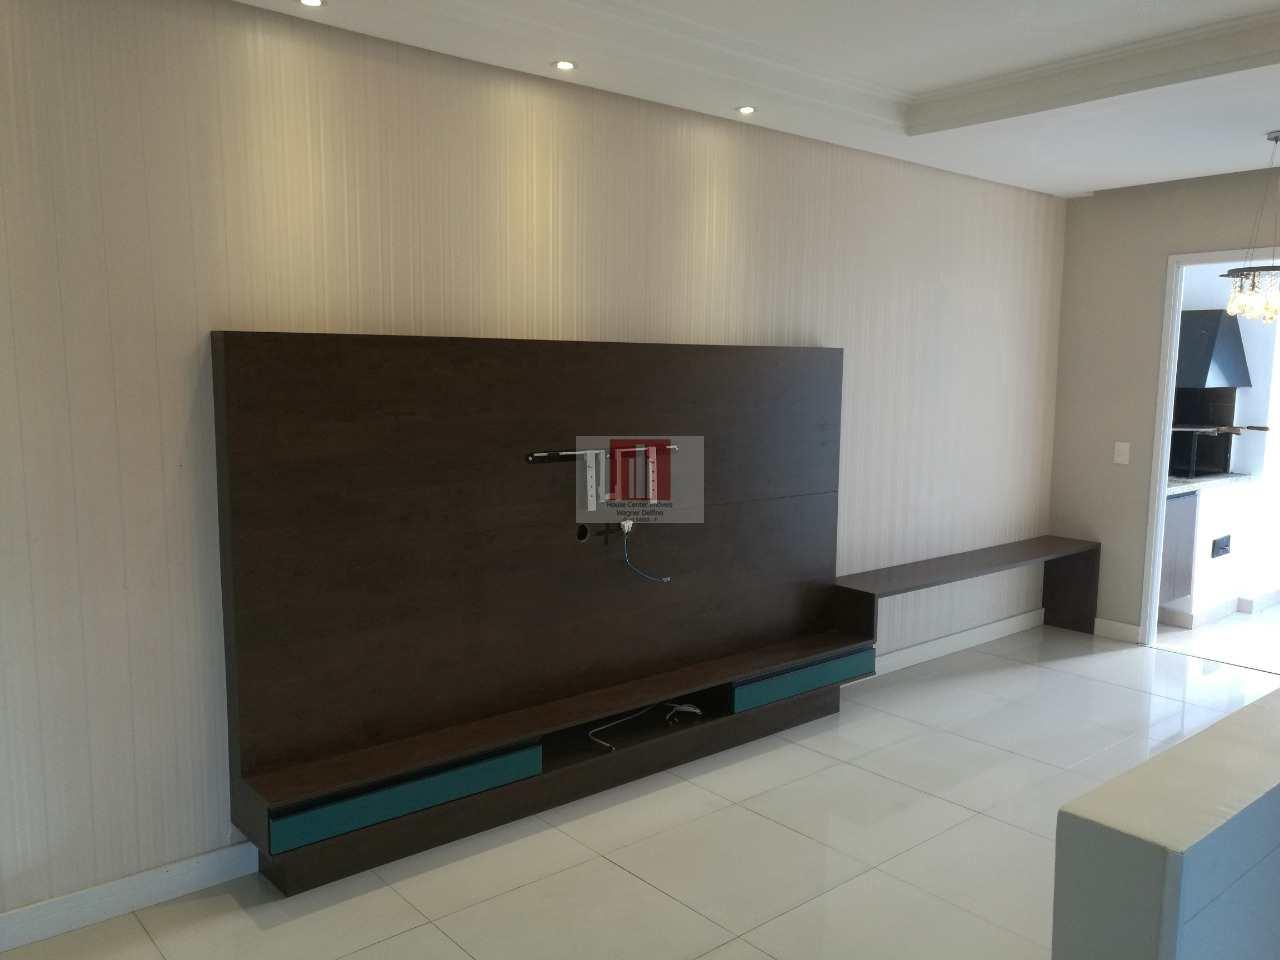 Apartamento com 2 dorms, Vila Prudente, São Paulo - R$ 455 mil, Cod: 1216